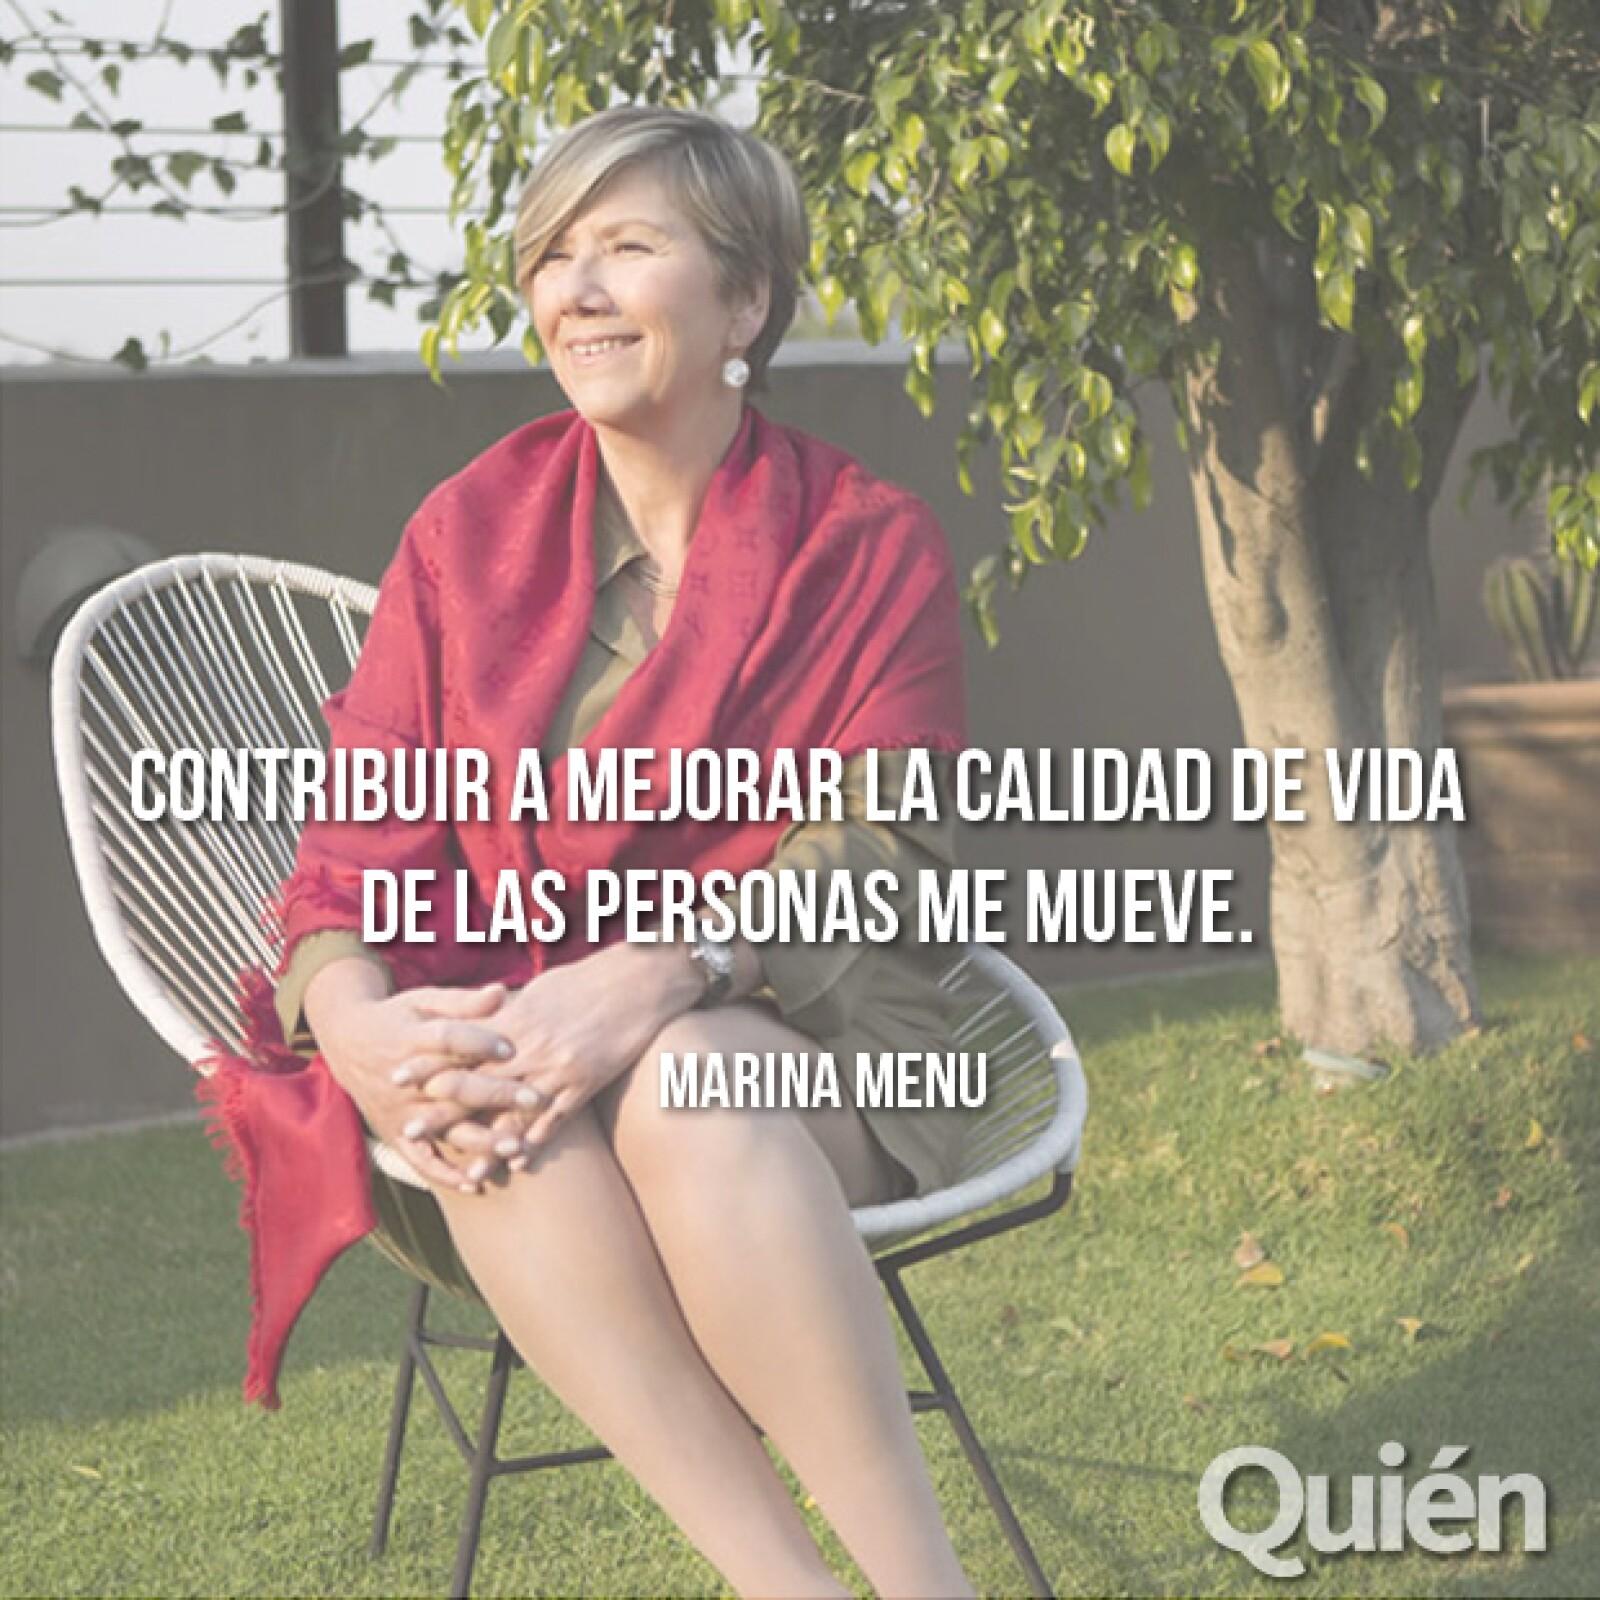 Marina Menu, Directora general de Danone México y Centroamérica. Su altruismo y dedicación la hacen una empresaria de excepción.